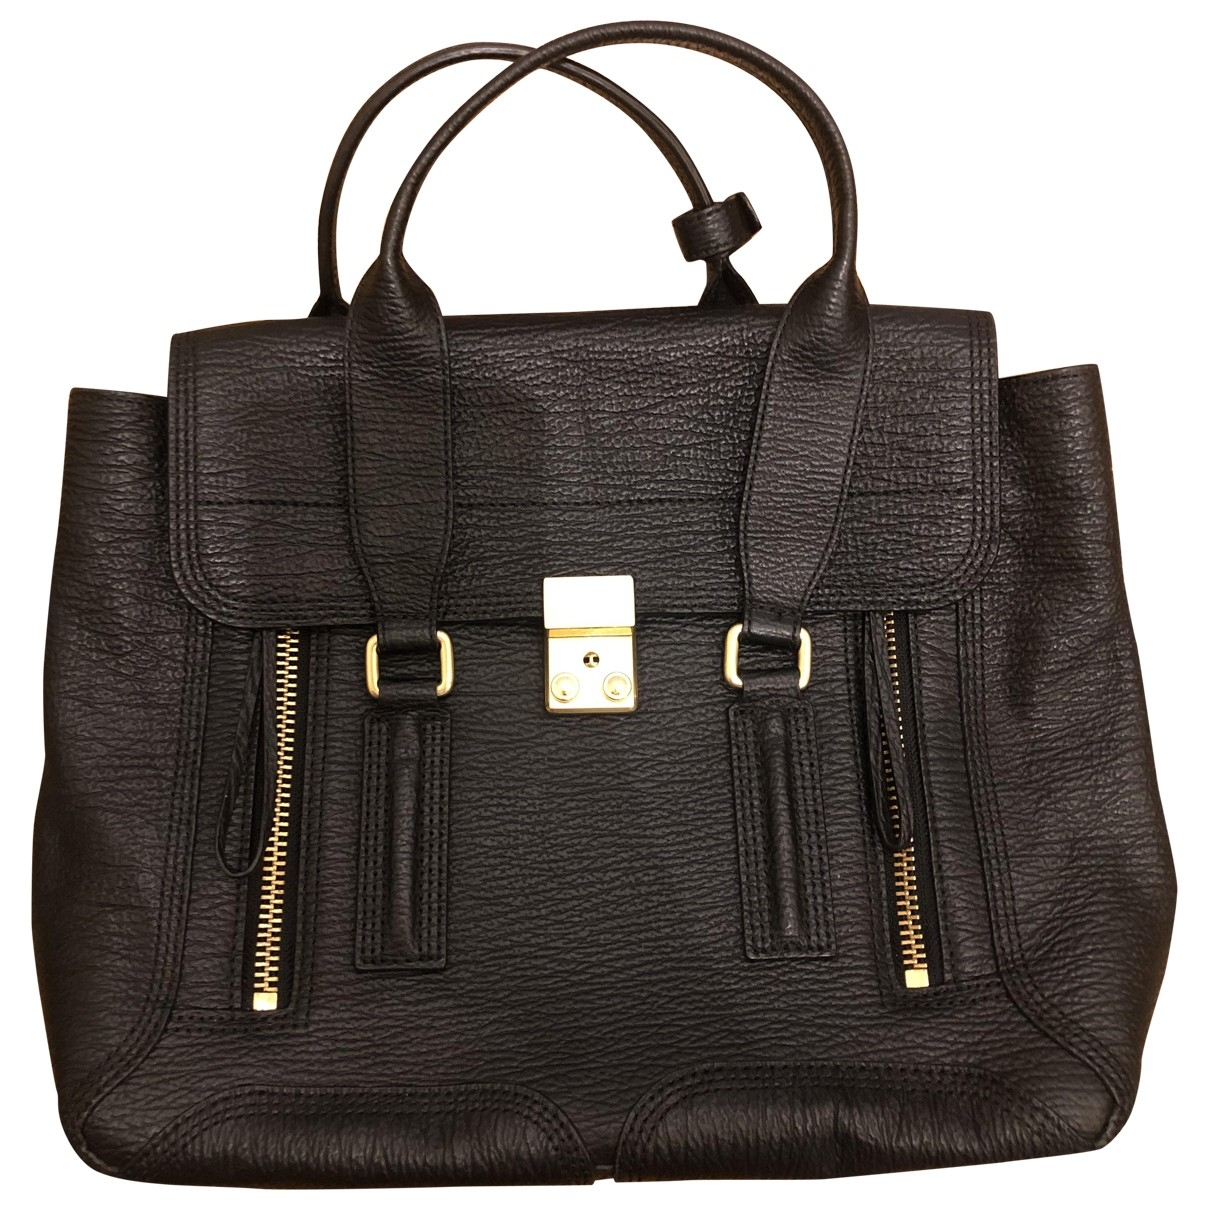 3.1 Phillip Lim Pashli Black Leather handbag for Women \N